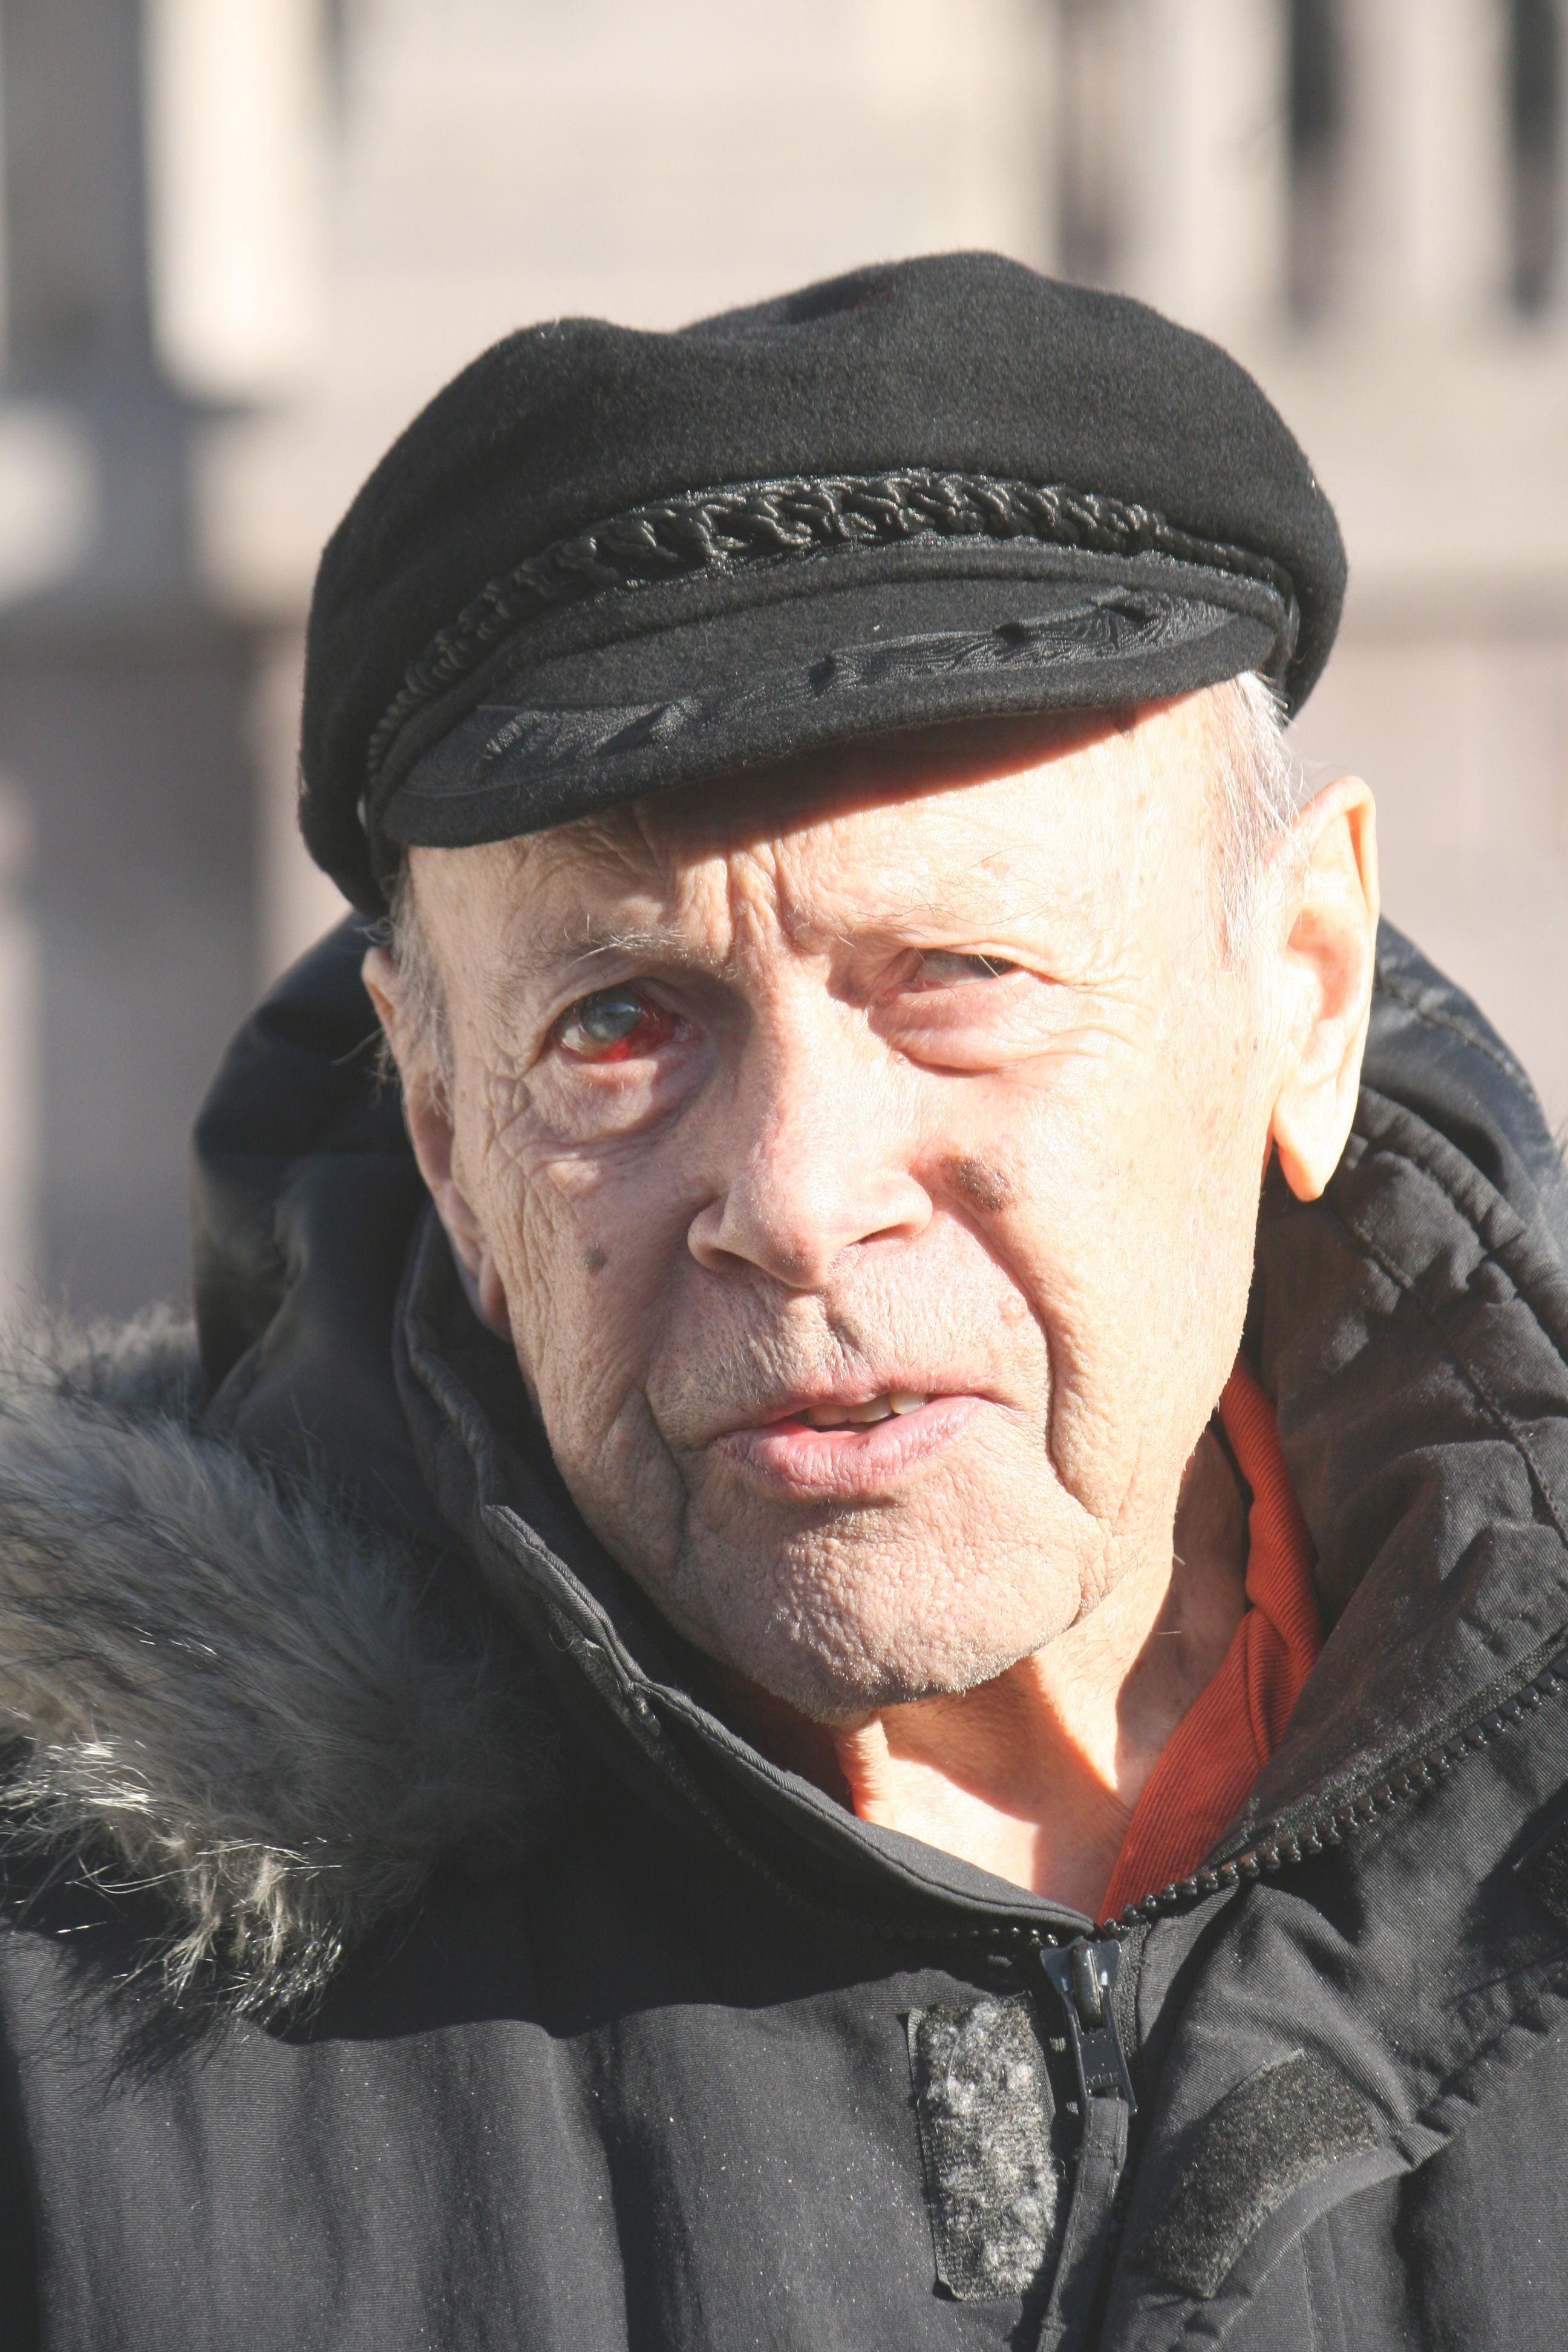 Gunnar Garbo